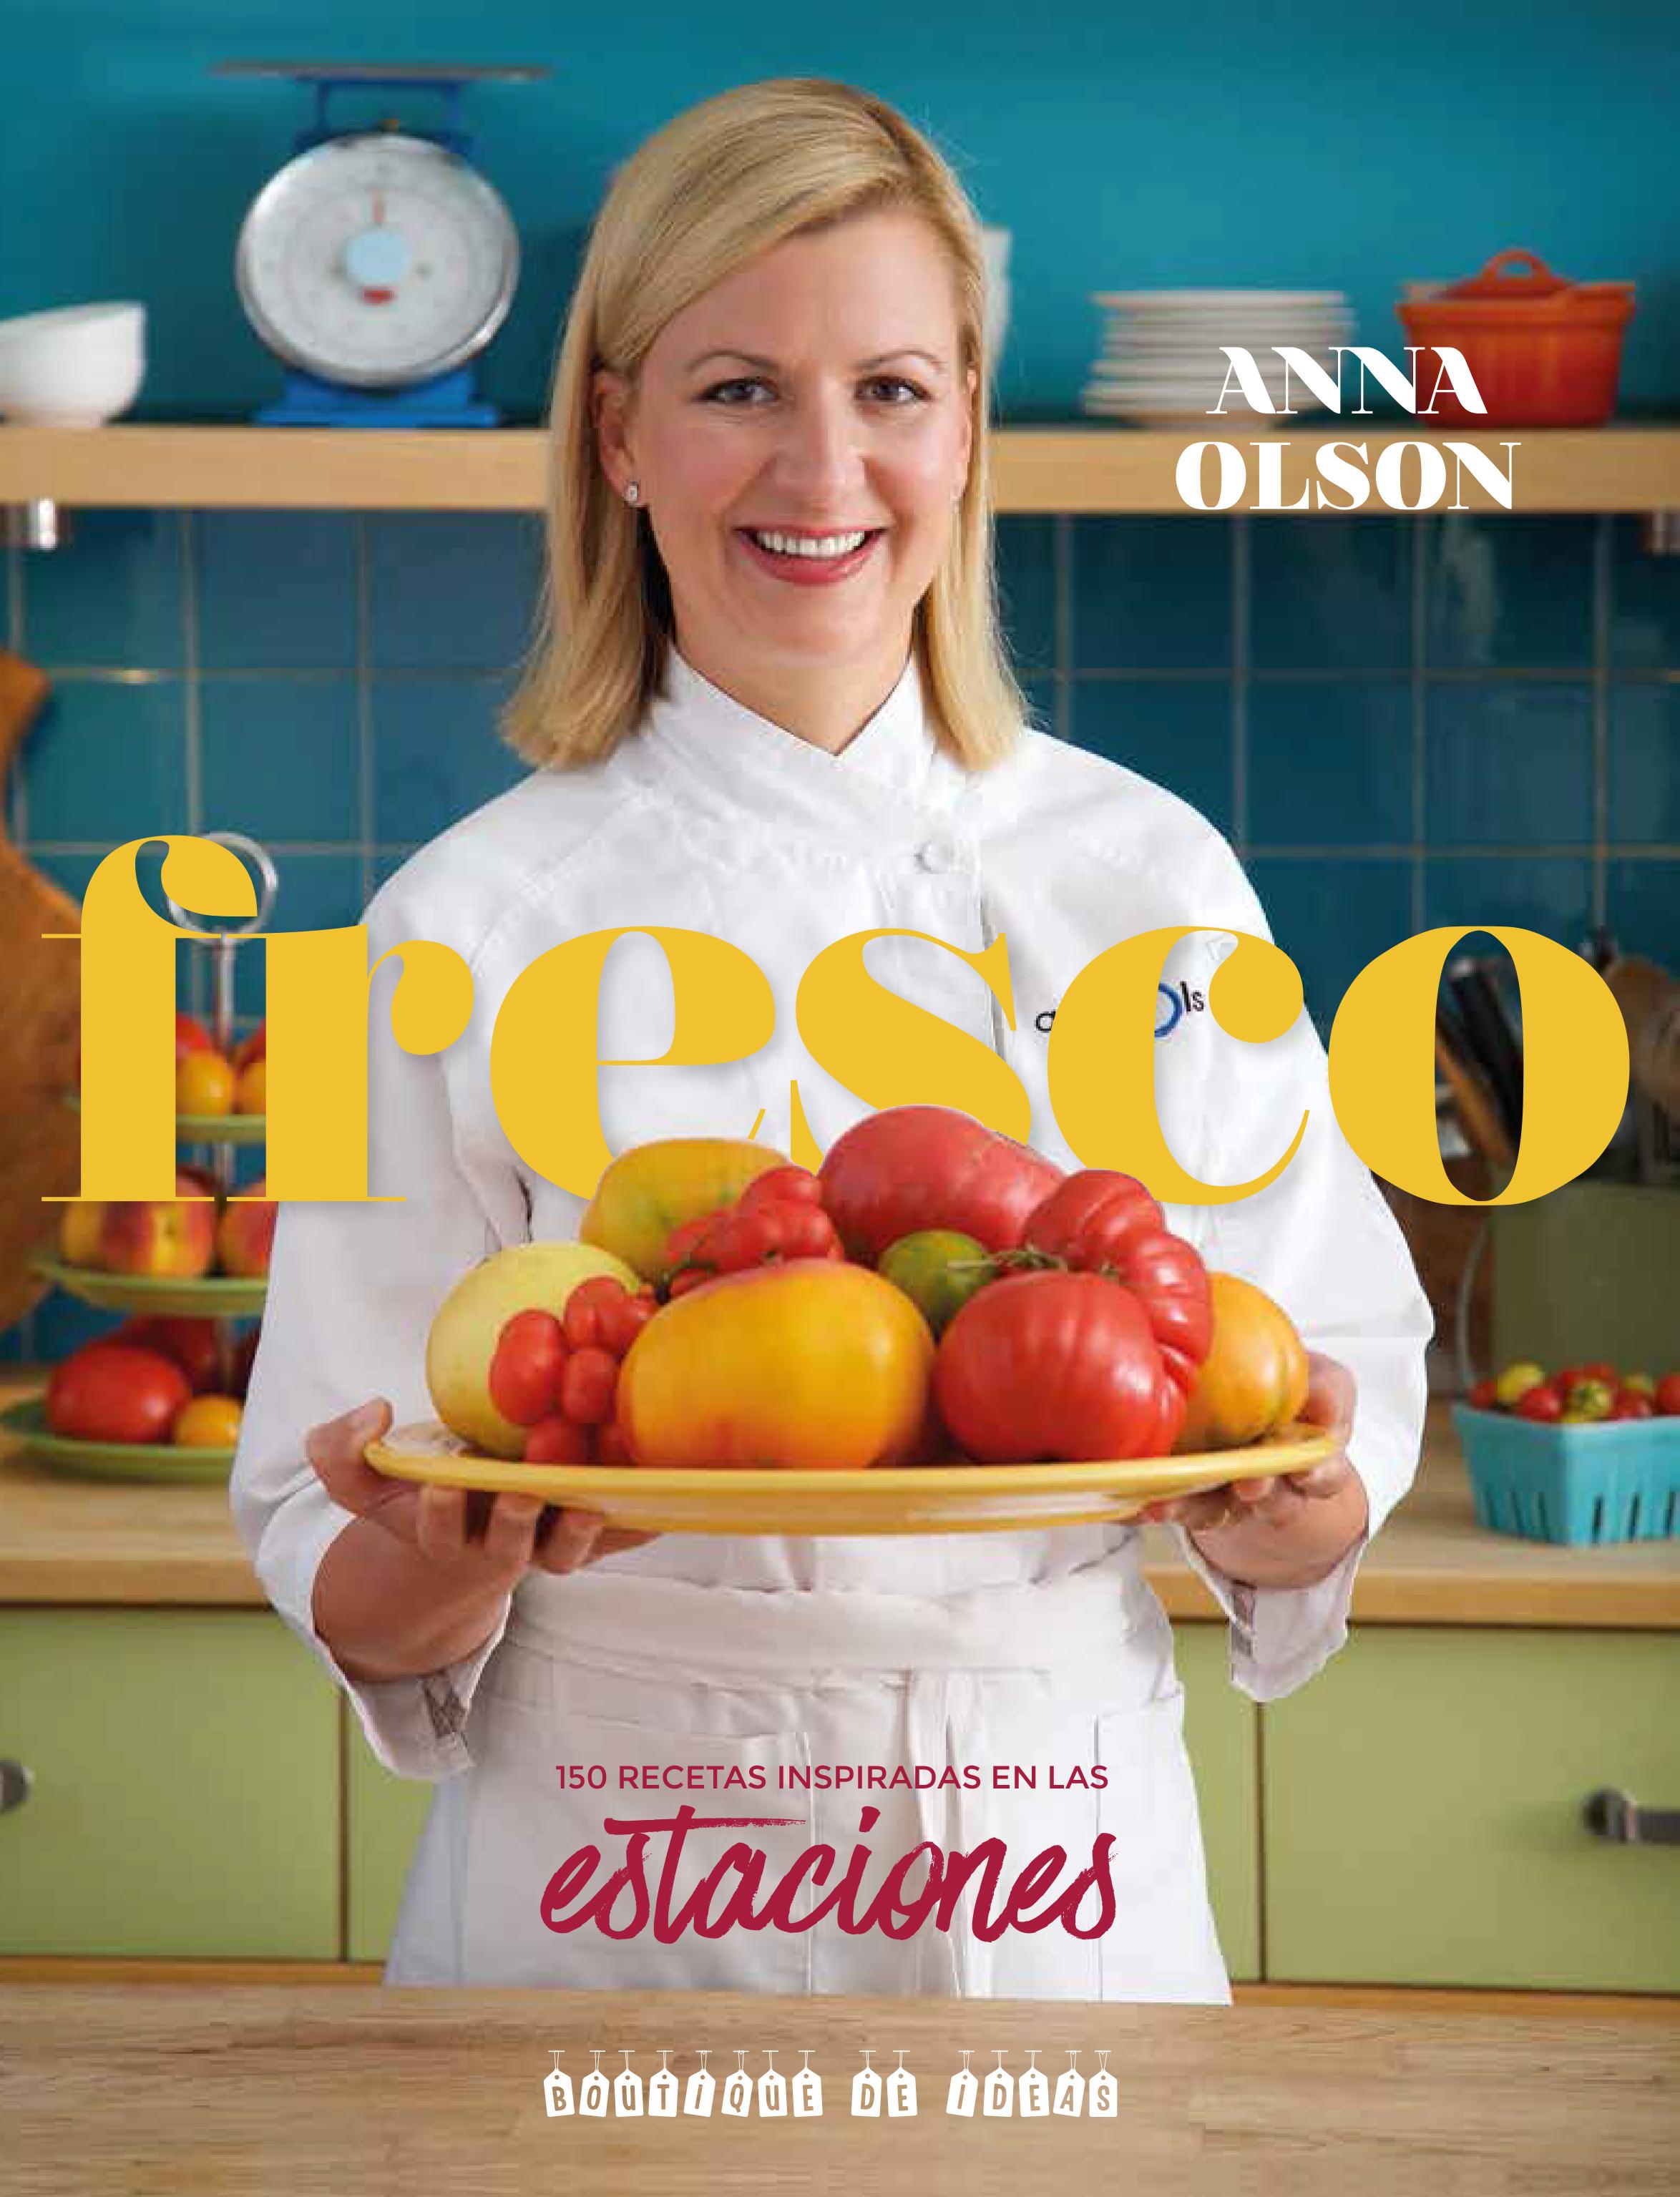 """Llega """"Fresco"""", un nuevo libro de Anna Olson traducido al español"""